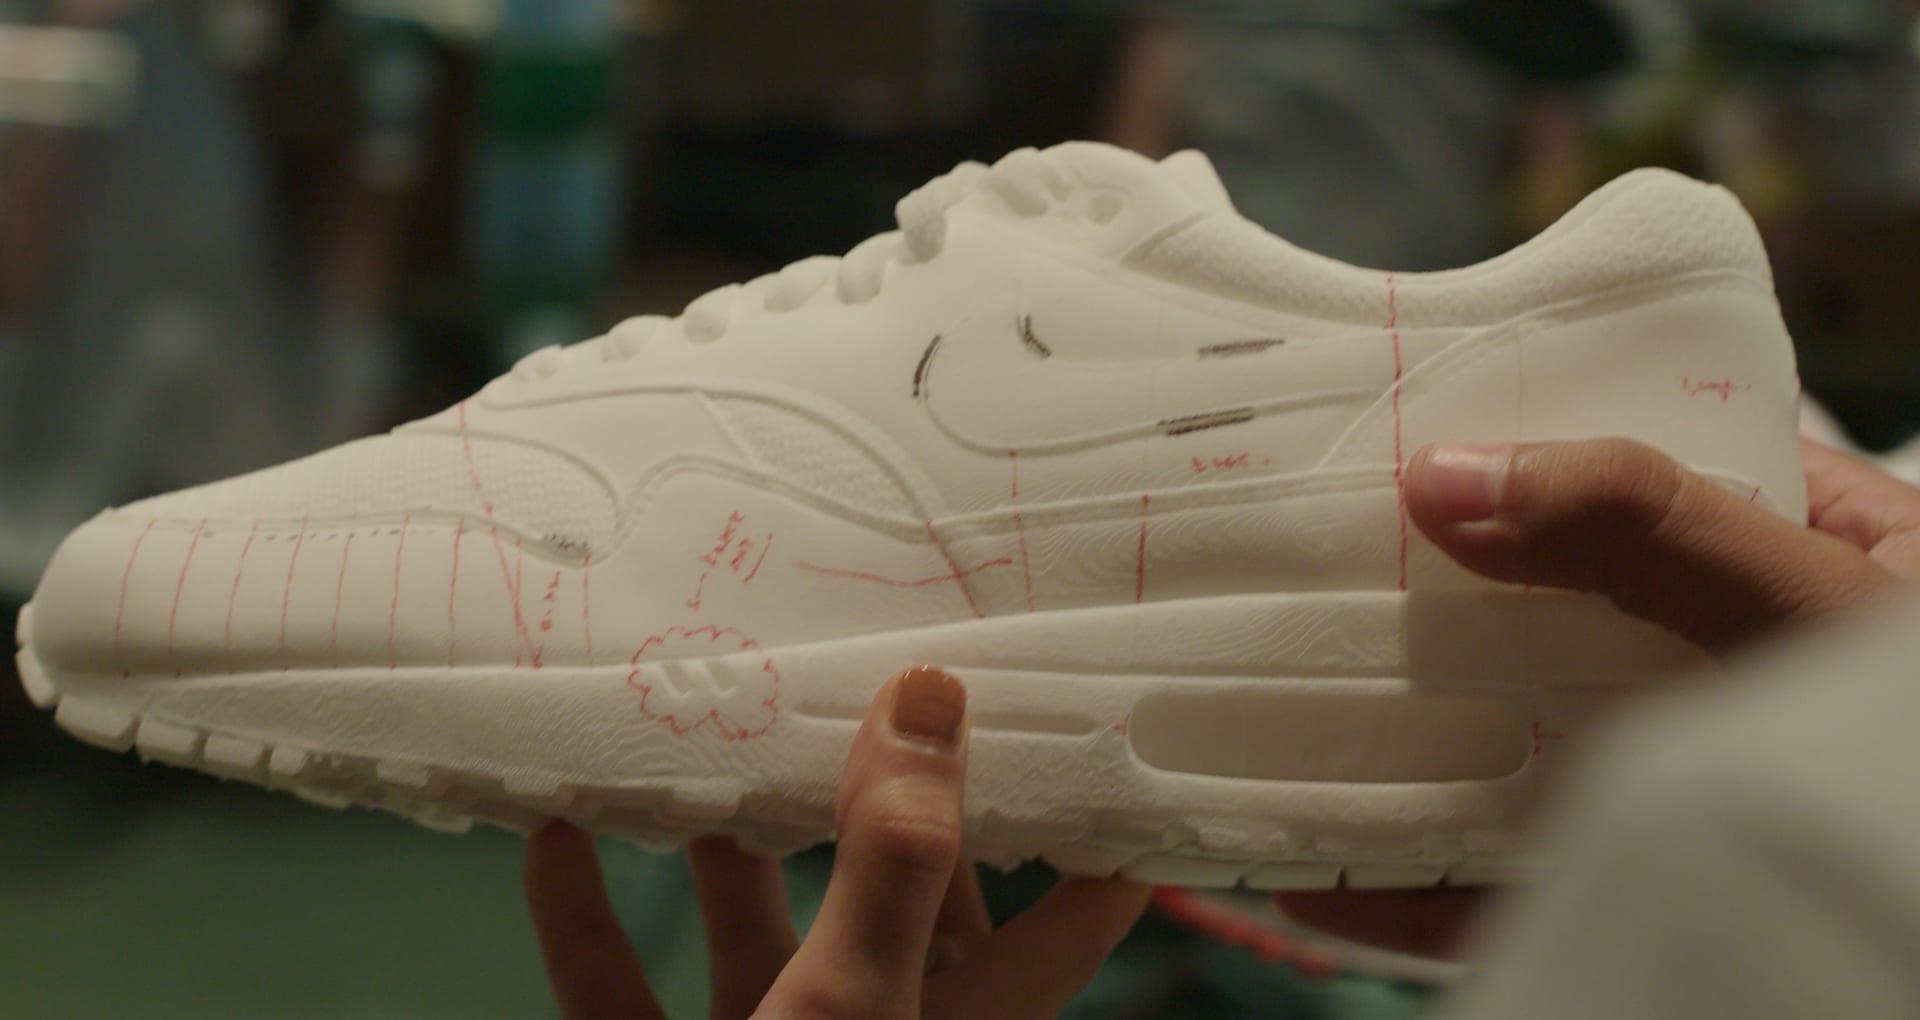 Nike Air Max 1 Behind the Design